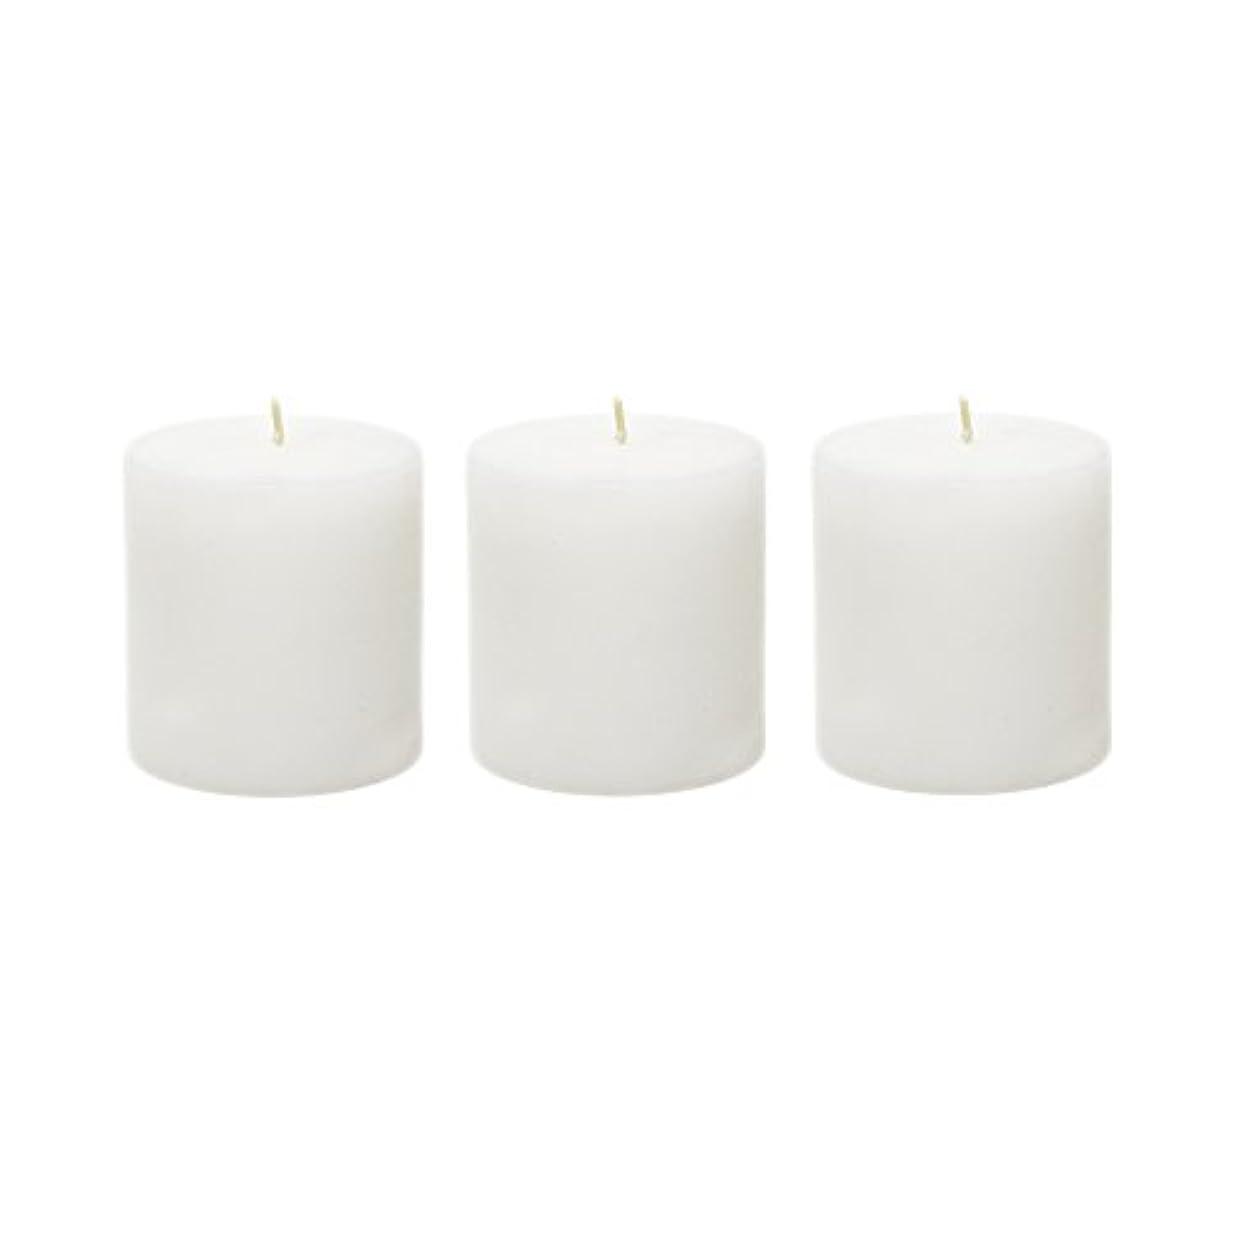 驚くべきルームおかしい(6, 7.6cm x 7.6cm Round) - Mega Candles - Unscented 7.6cm x 7.6cm Hand Poured Round Premium Pillar Candle - White